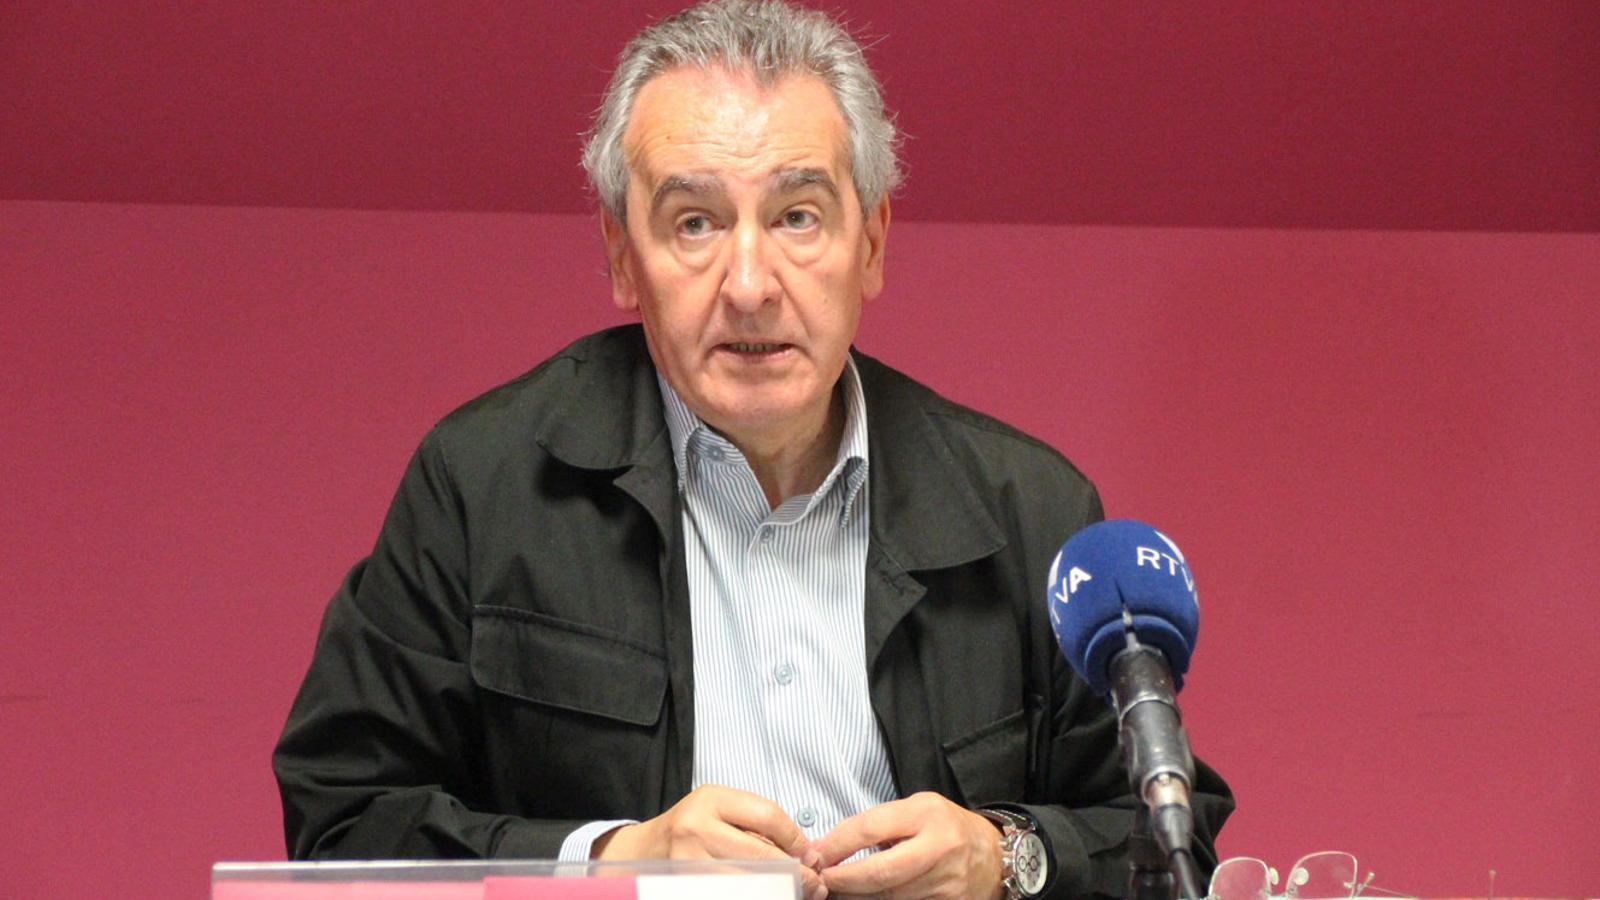 Jaume Bartumeu durant la roda de premsa posterior al consell nacional d'SDP. / C. F. (ANA)